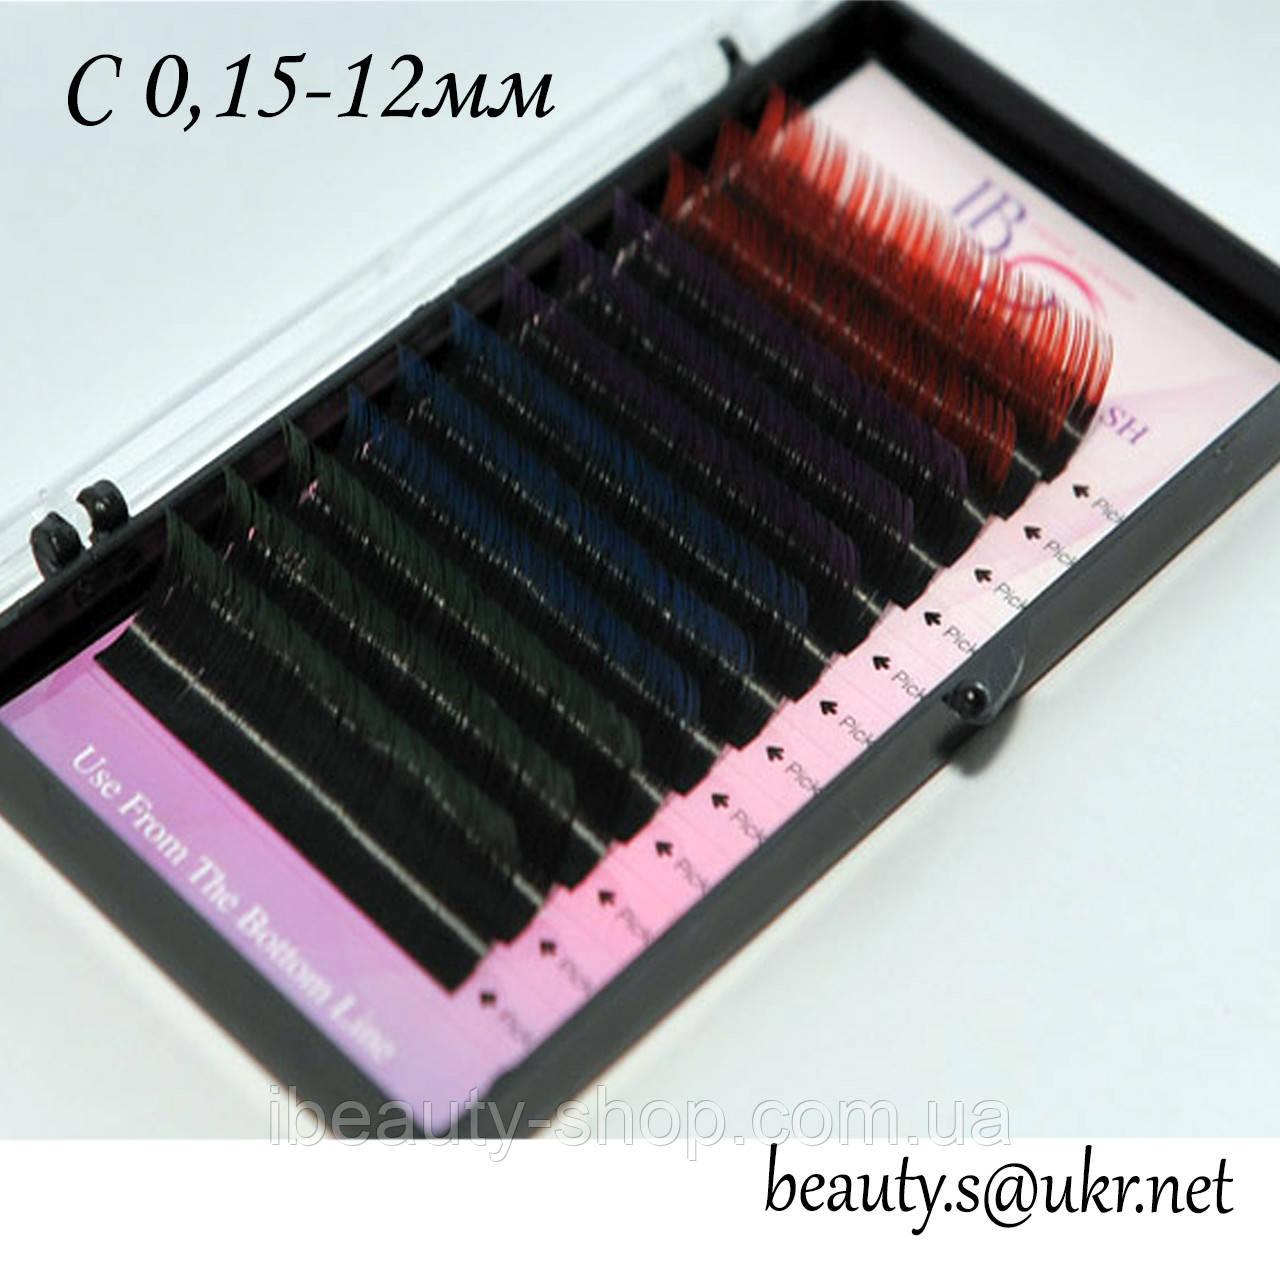 Ресницы I-Beauty, С 0,15-12мм,цветные концы,4 цвета